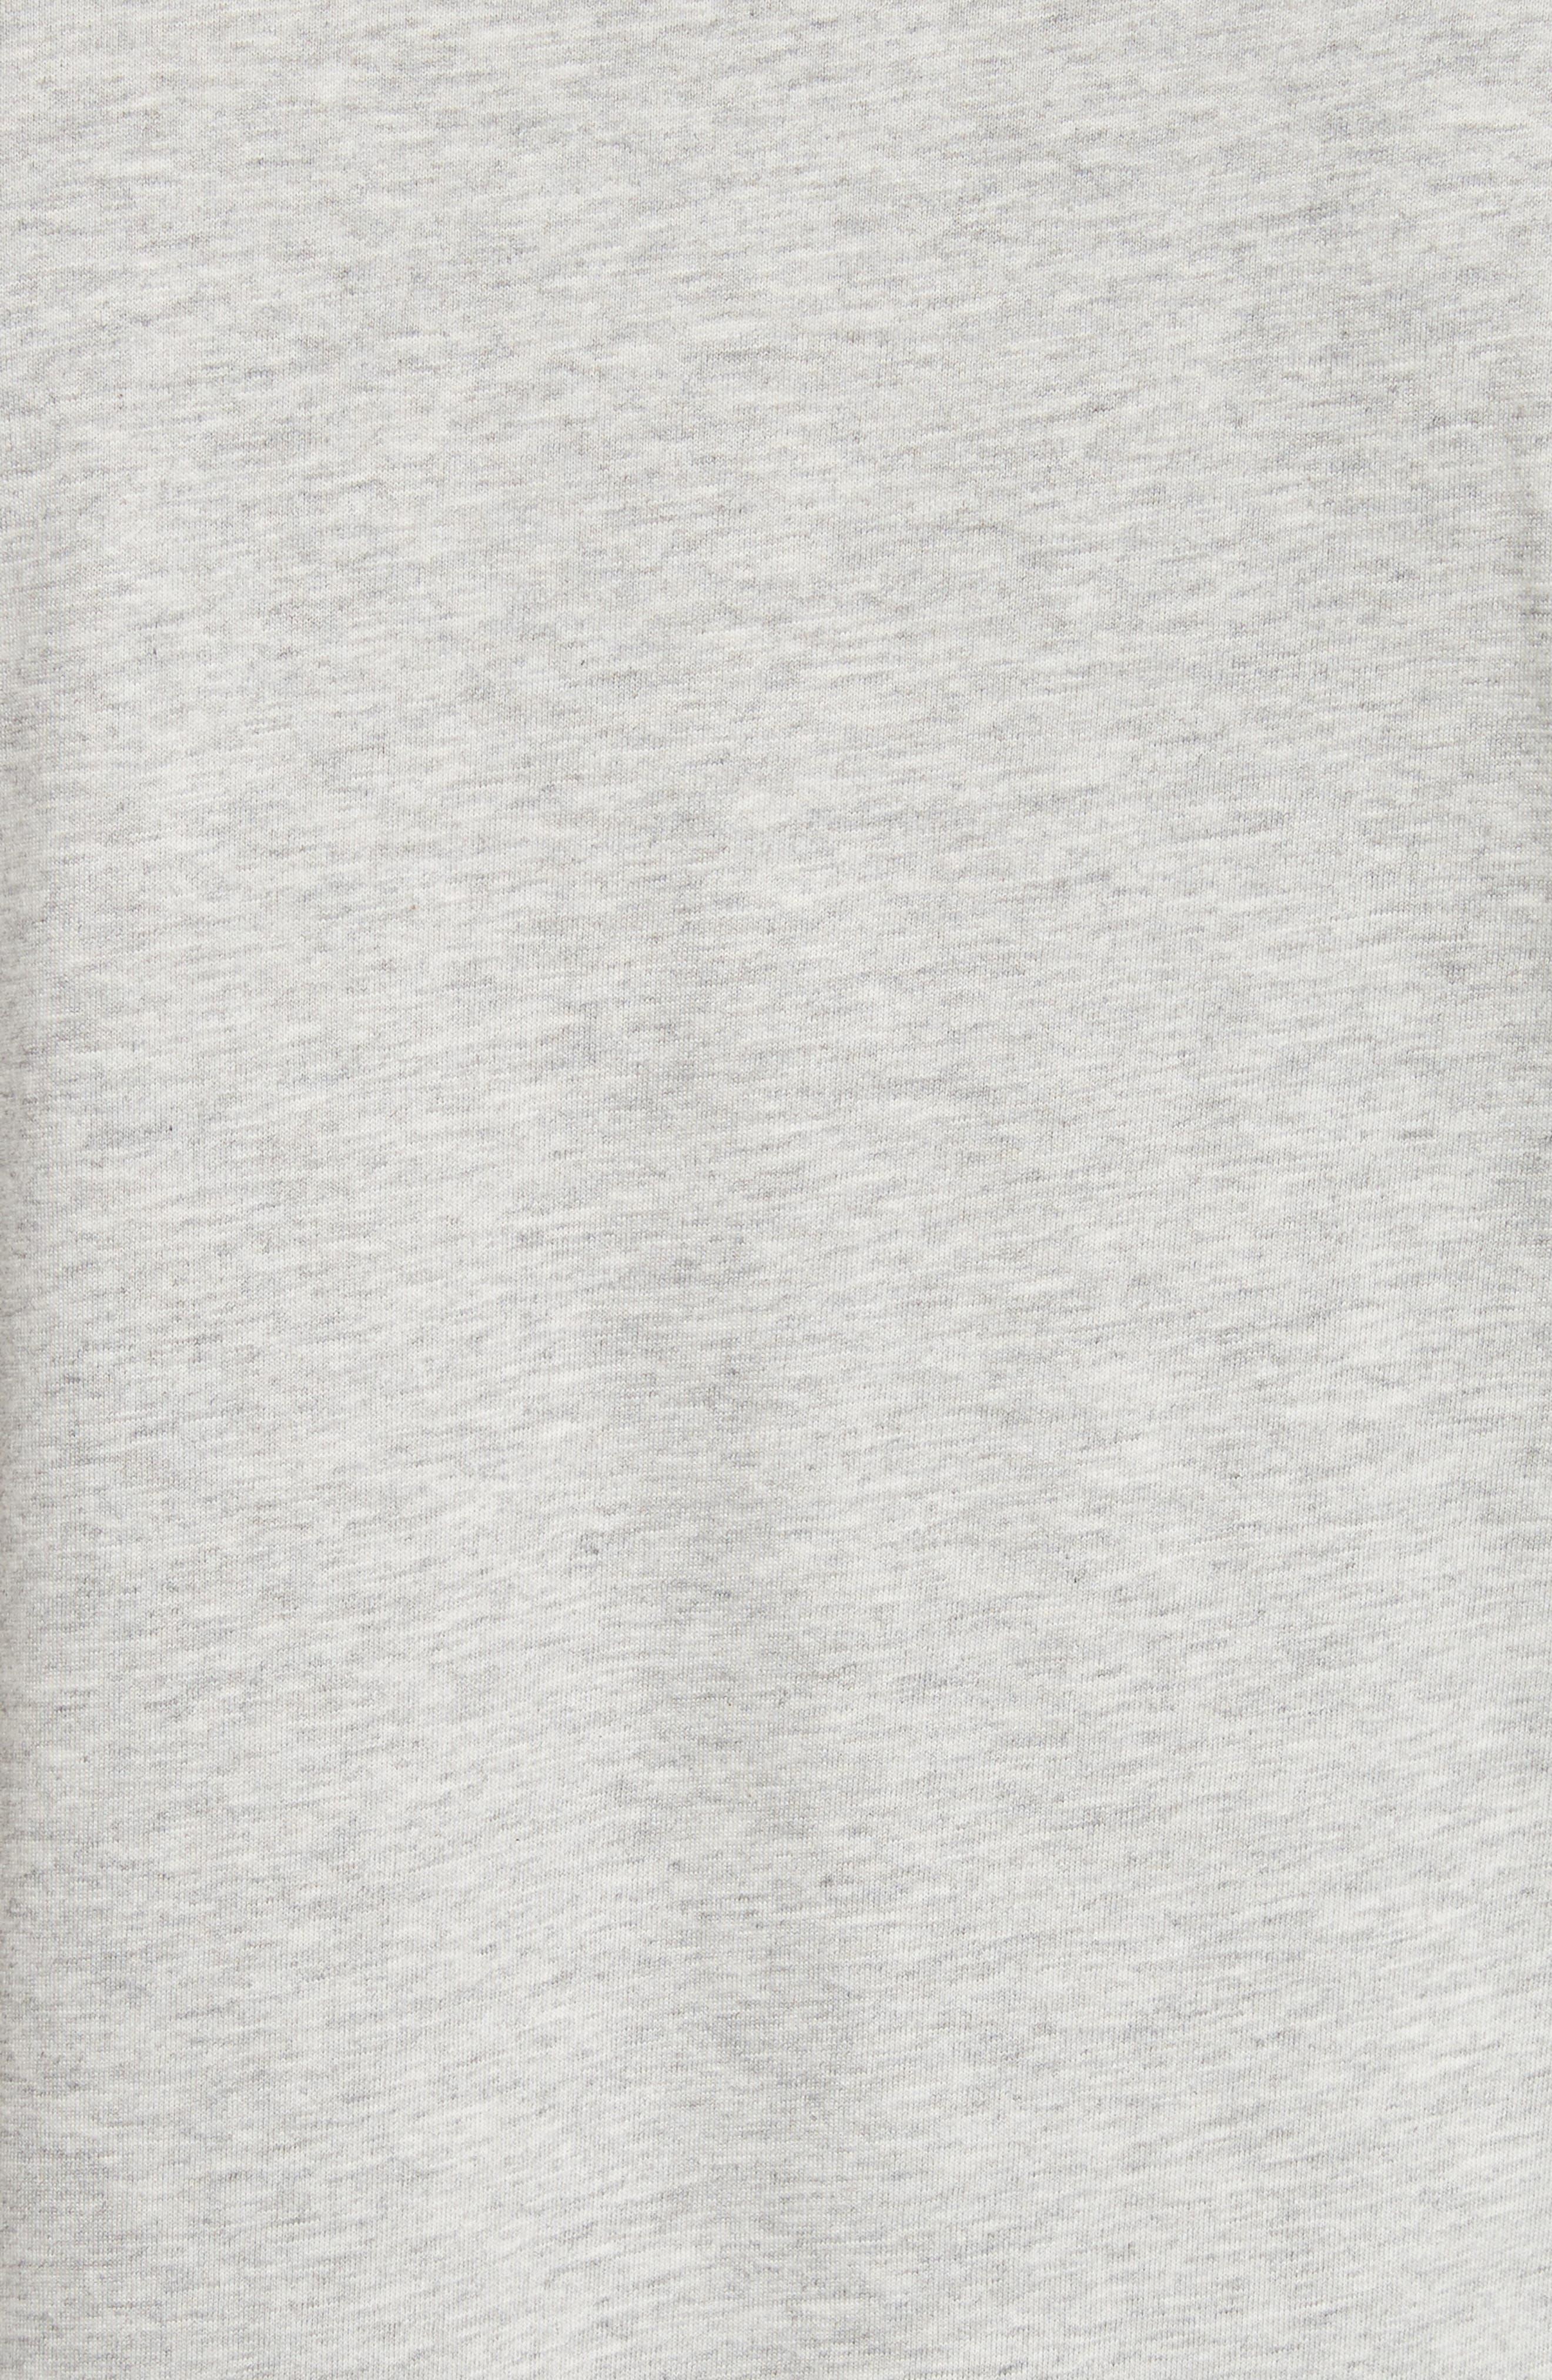 Jadforth V-Neck T-Shirt,                             Alternate thumbnail 5, color,                             PALE GREY MELANGE